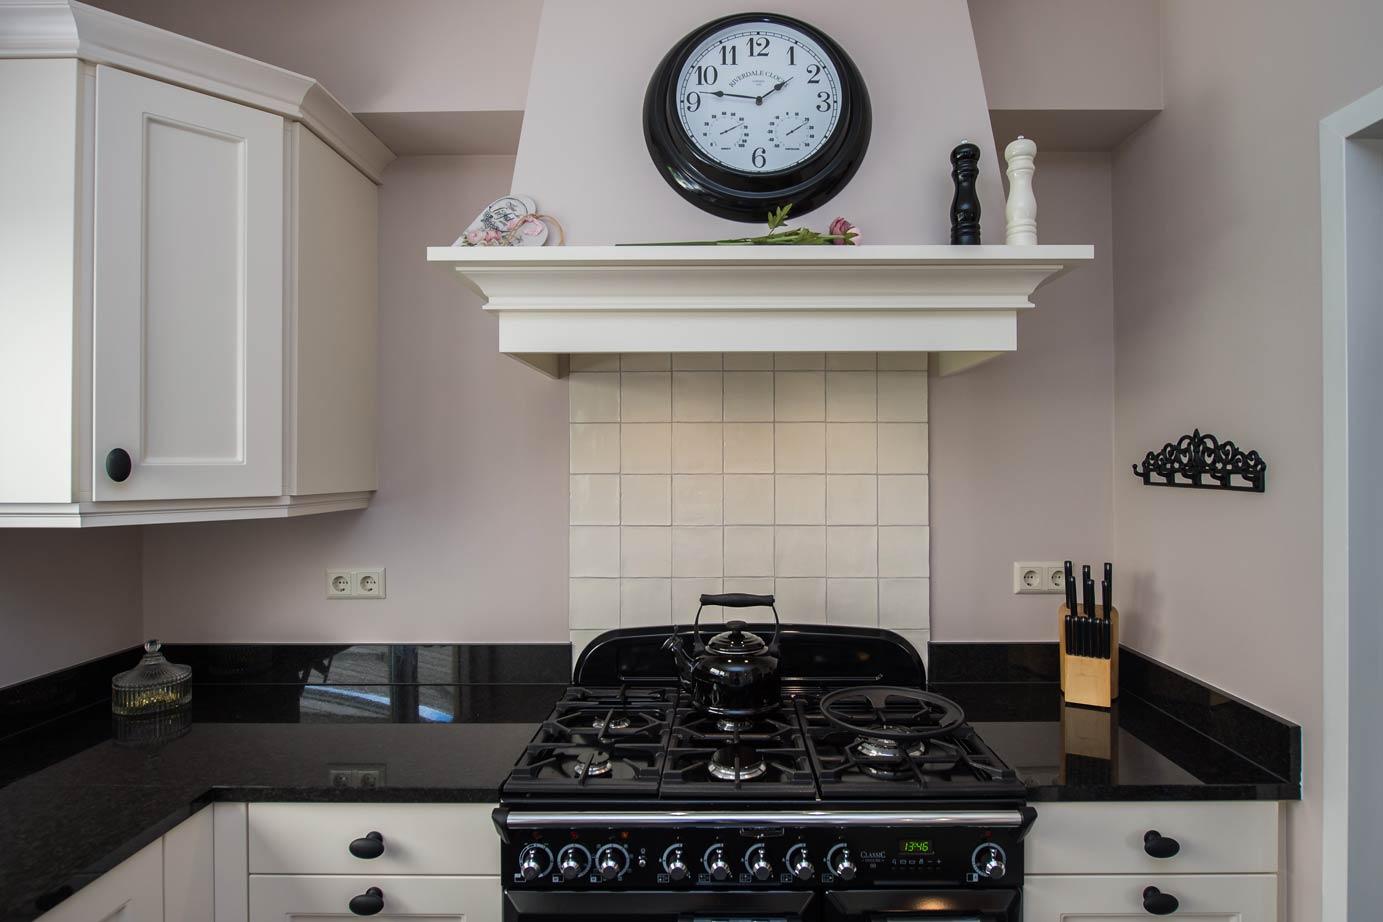 Eenvoudige Schouw Keuken : Ardi keukens en sanitair dé keukenspecialist van zeeland ardi